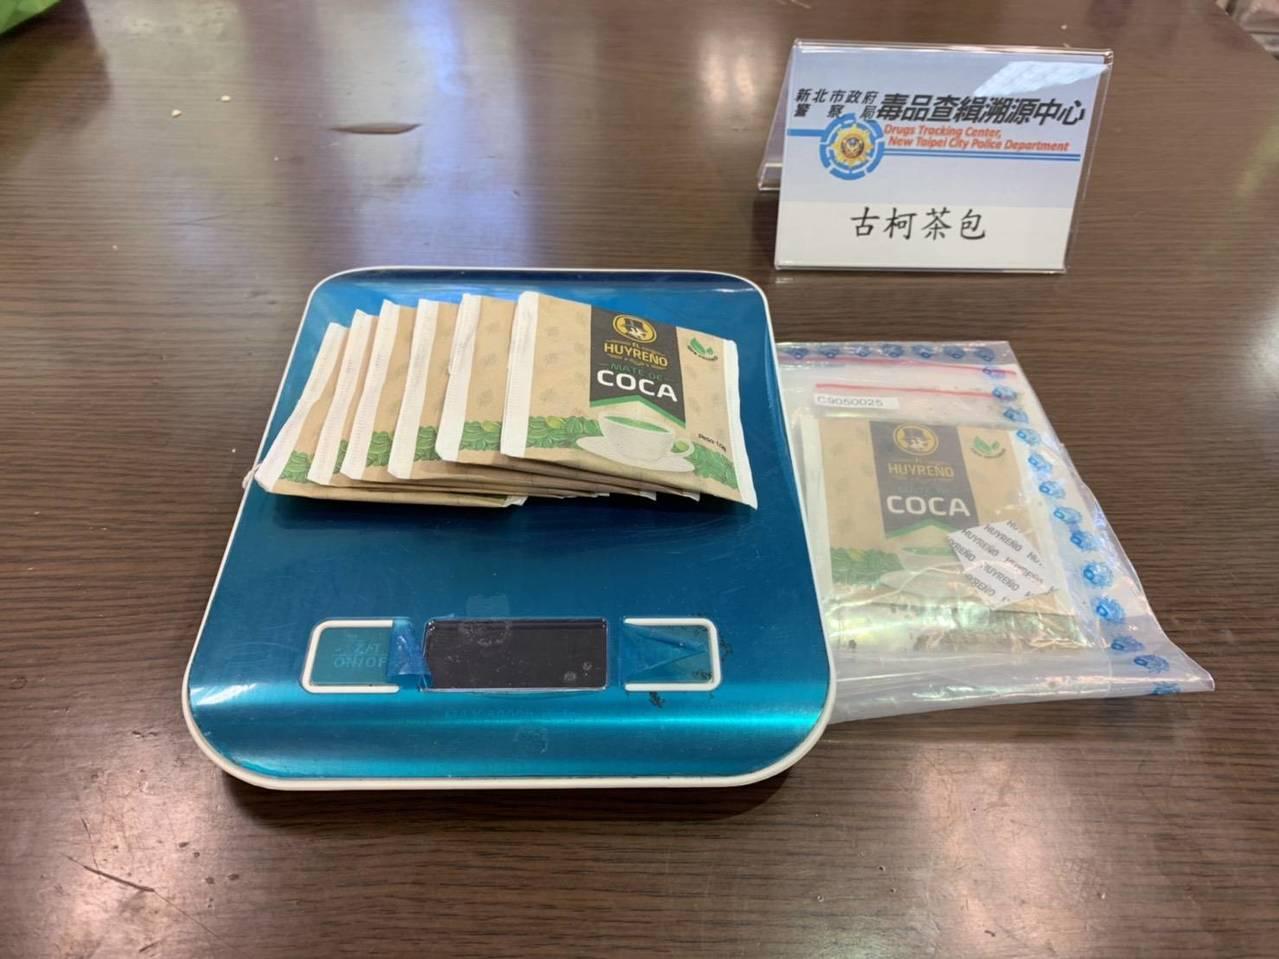 婦人網路以為物易物交換喝剩的古柯茶包,因驗出含古柯鹼成分,遭警方依法送辦。記者王...